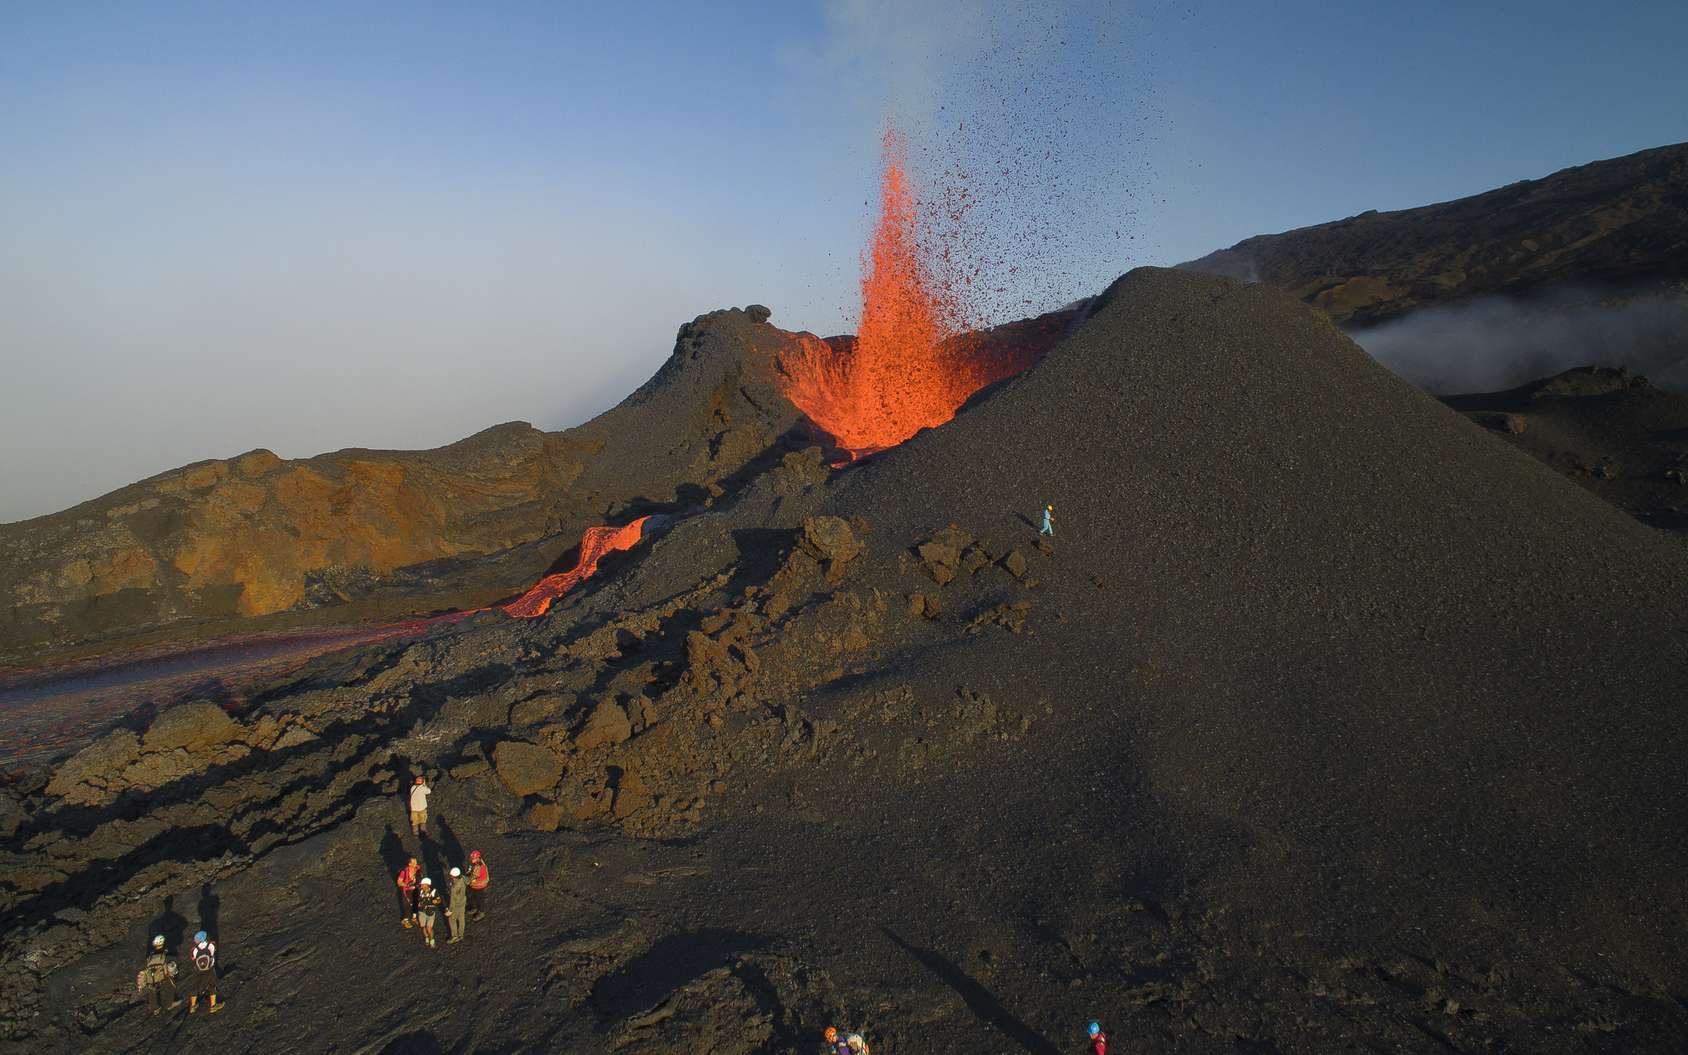 Le volcanologue se déplacent sur le terrain au plus près des volcans pour étudier leur activité et leur dangerosité. © Vincent, Fotolia.